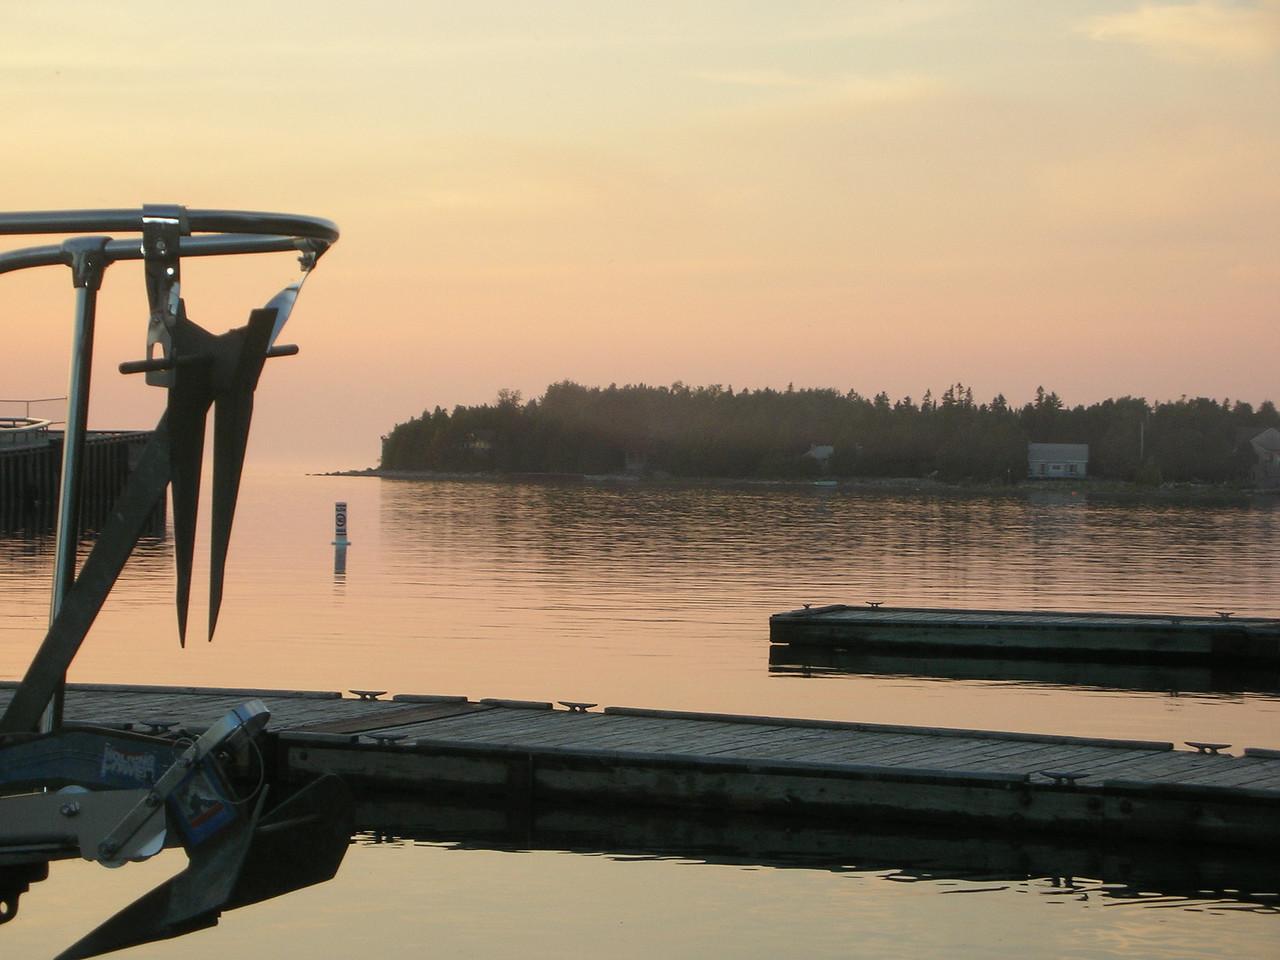 Tobermory, Ontario, Canada Lake Huron - Donald DeLong